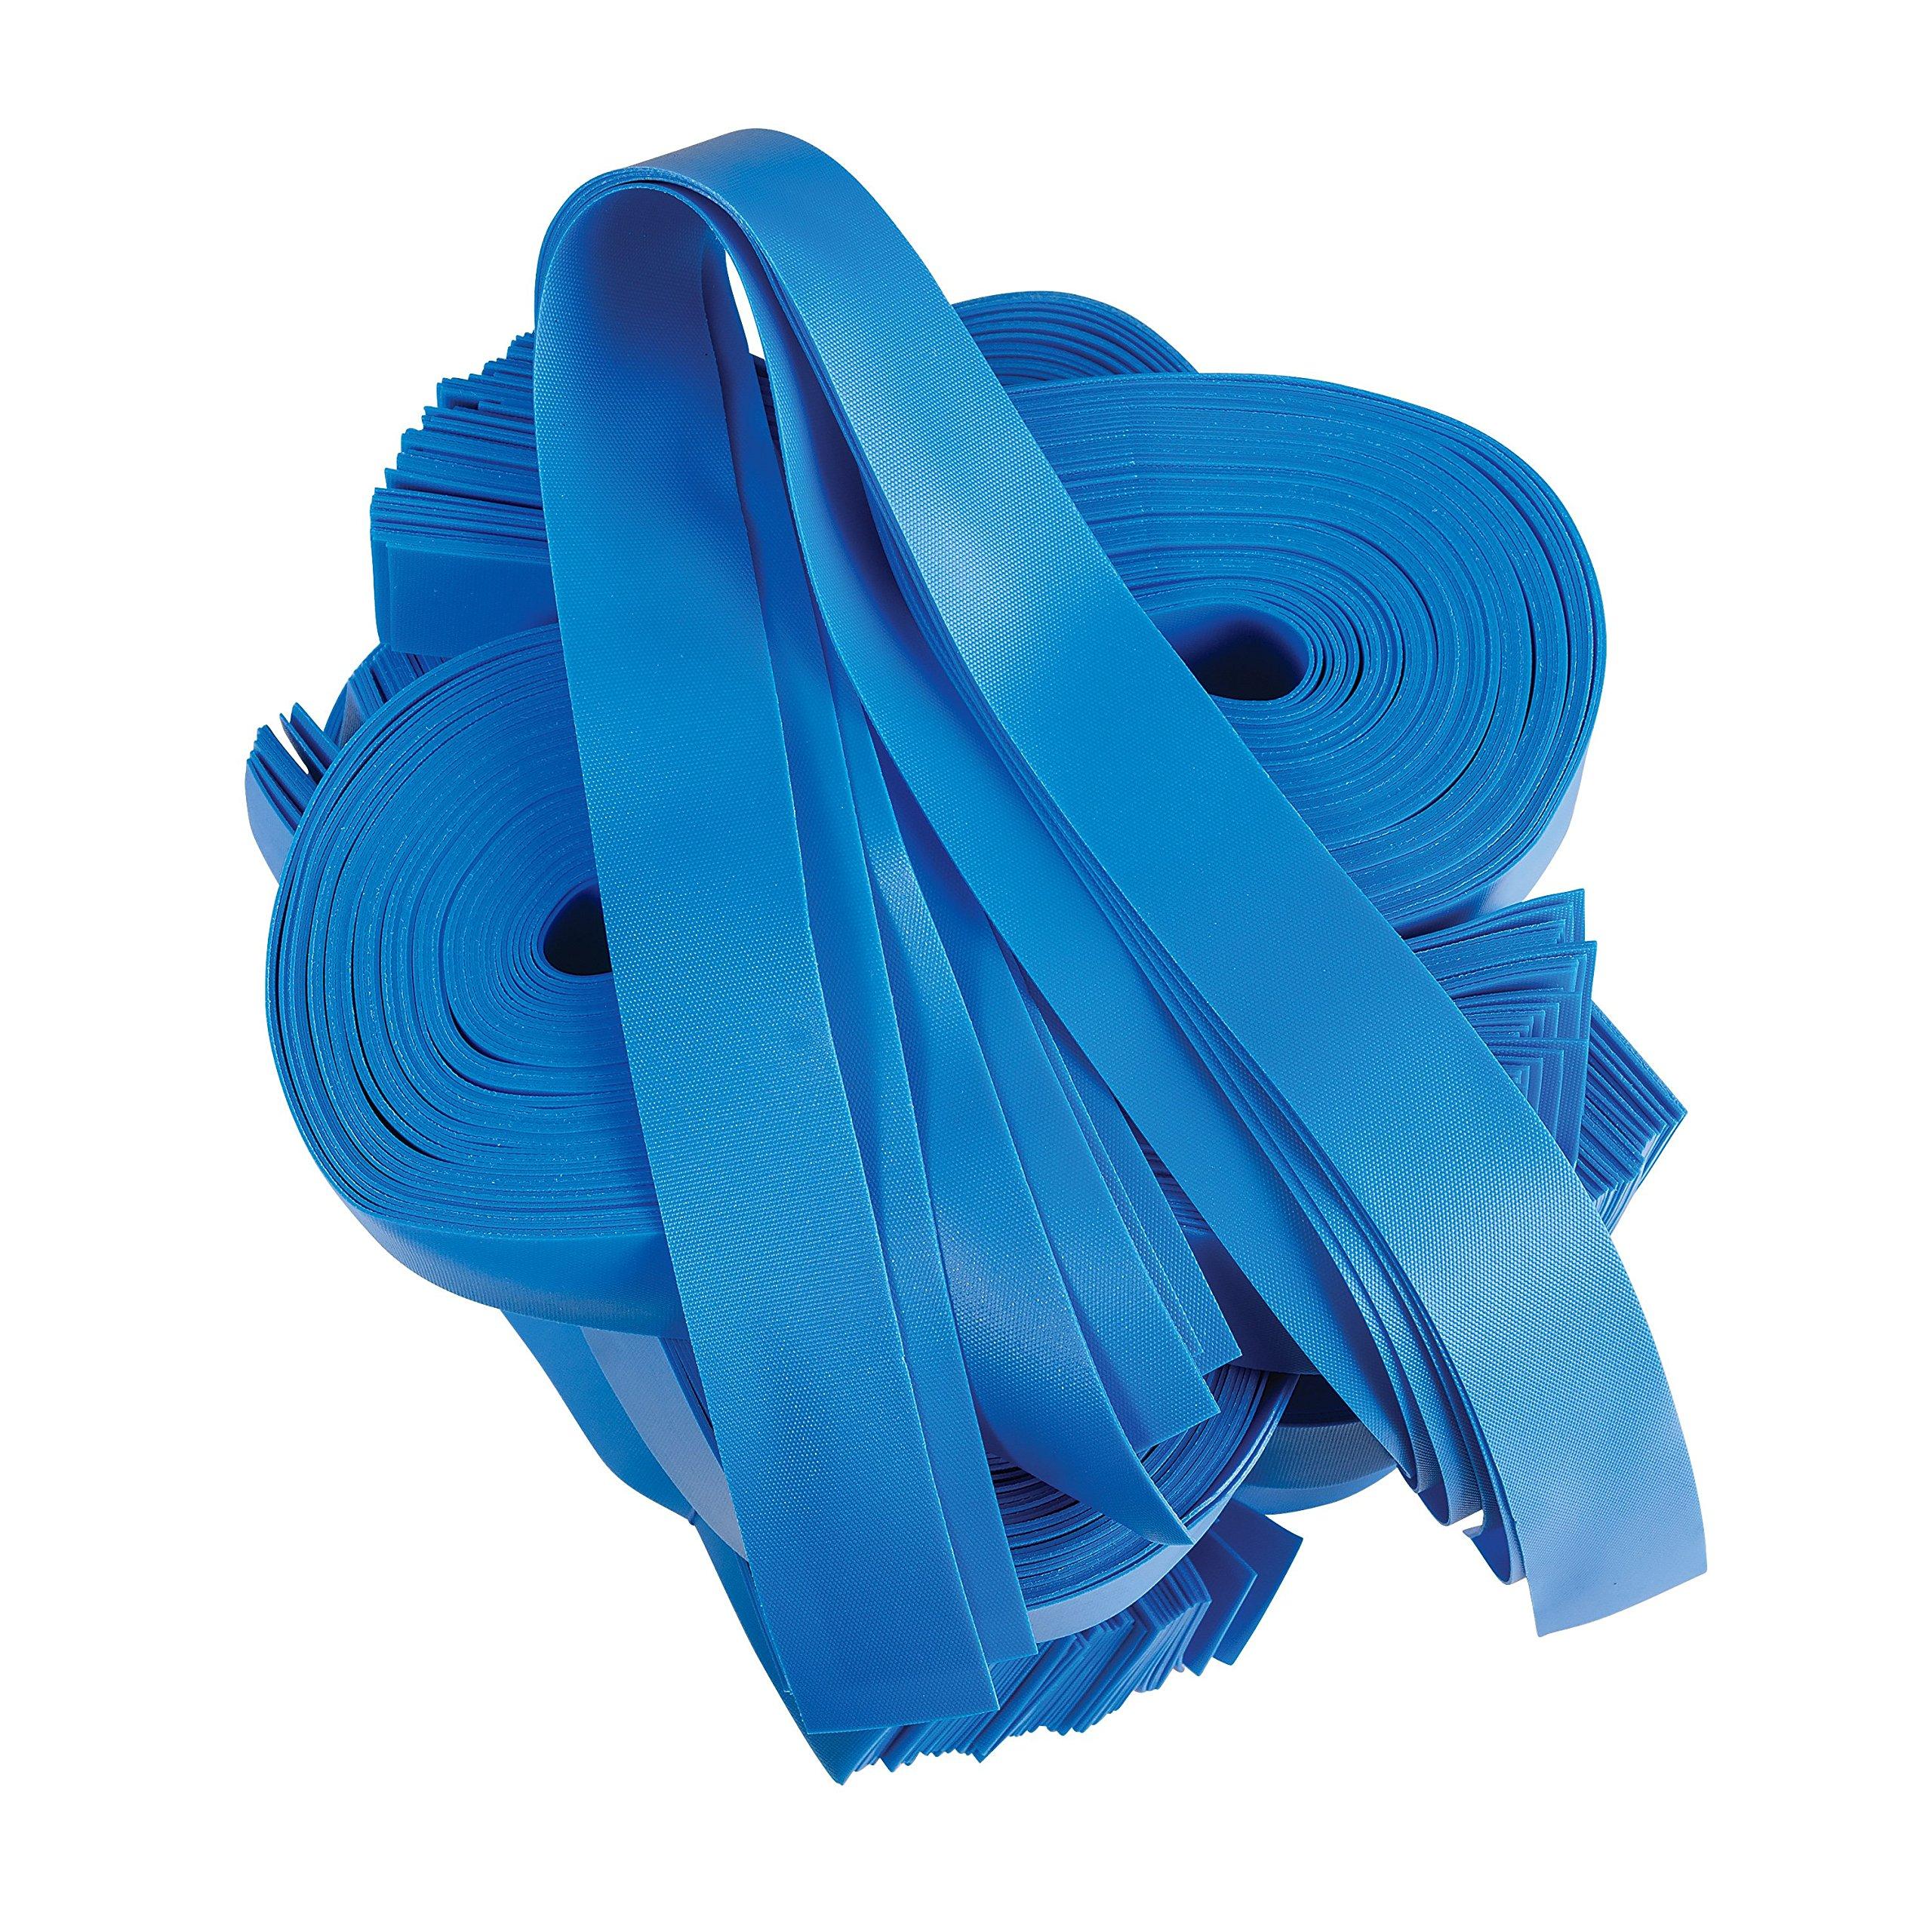 MABIS DMI Textured Elastic Tourniquets, 1 x 18 Inches, Blue, 250-Count